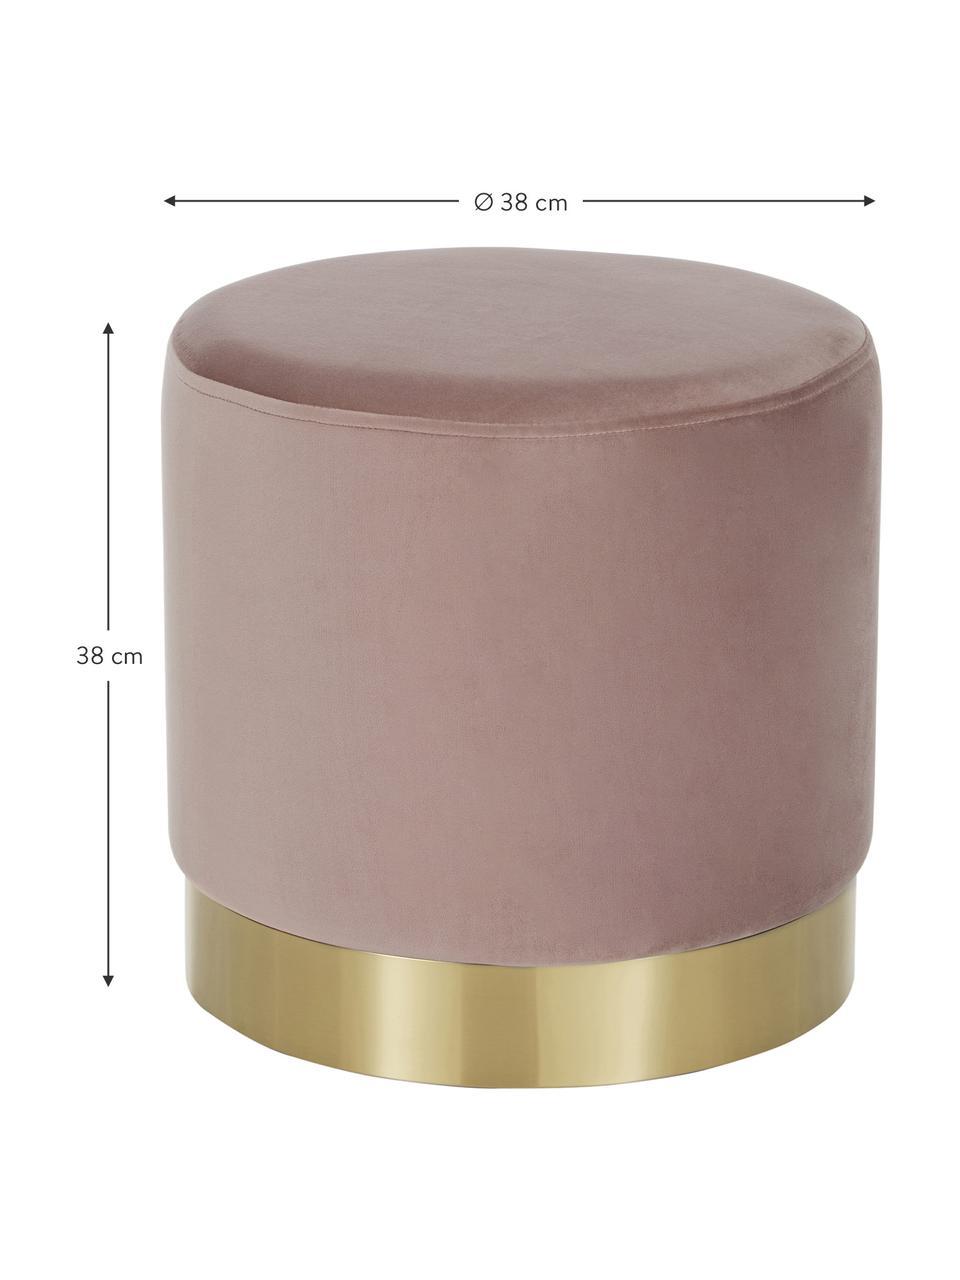 Fluwelen poef Orchid in roze, Bekleding: fluweel (100% polyester), Frame: karton, multiplex, Voet: gecoat metaal, Bekleding: roze. Voet: goudkleurig, Ø 38 x H 38 cm